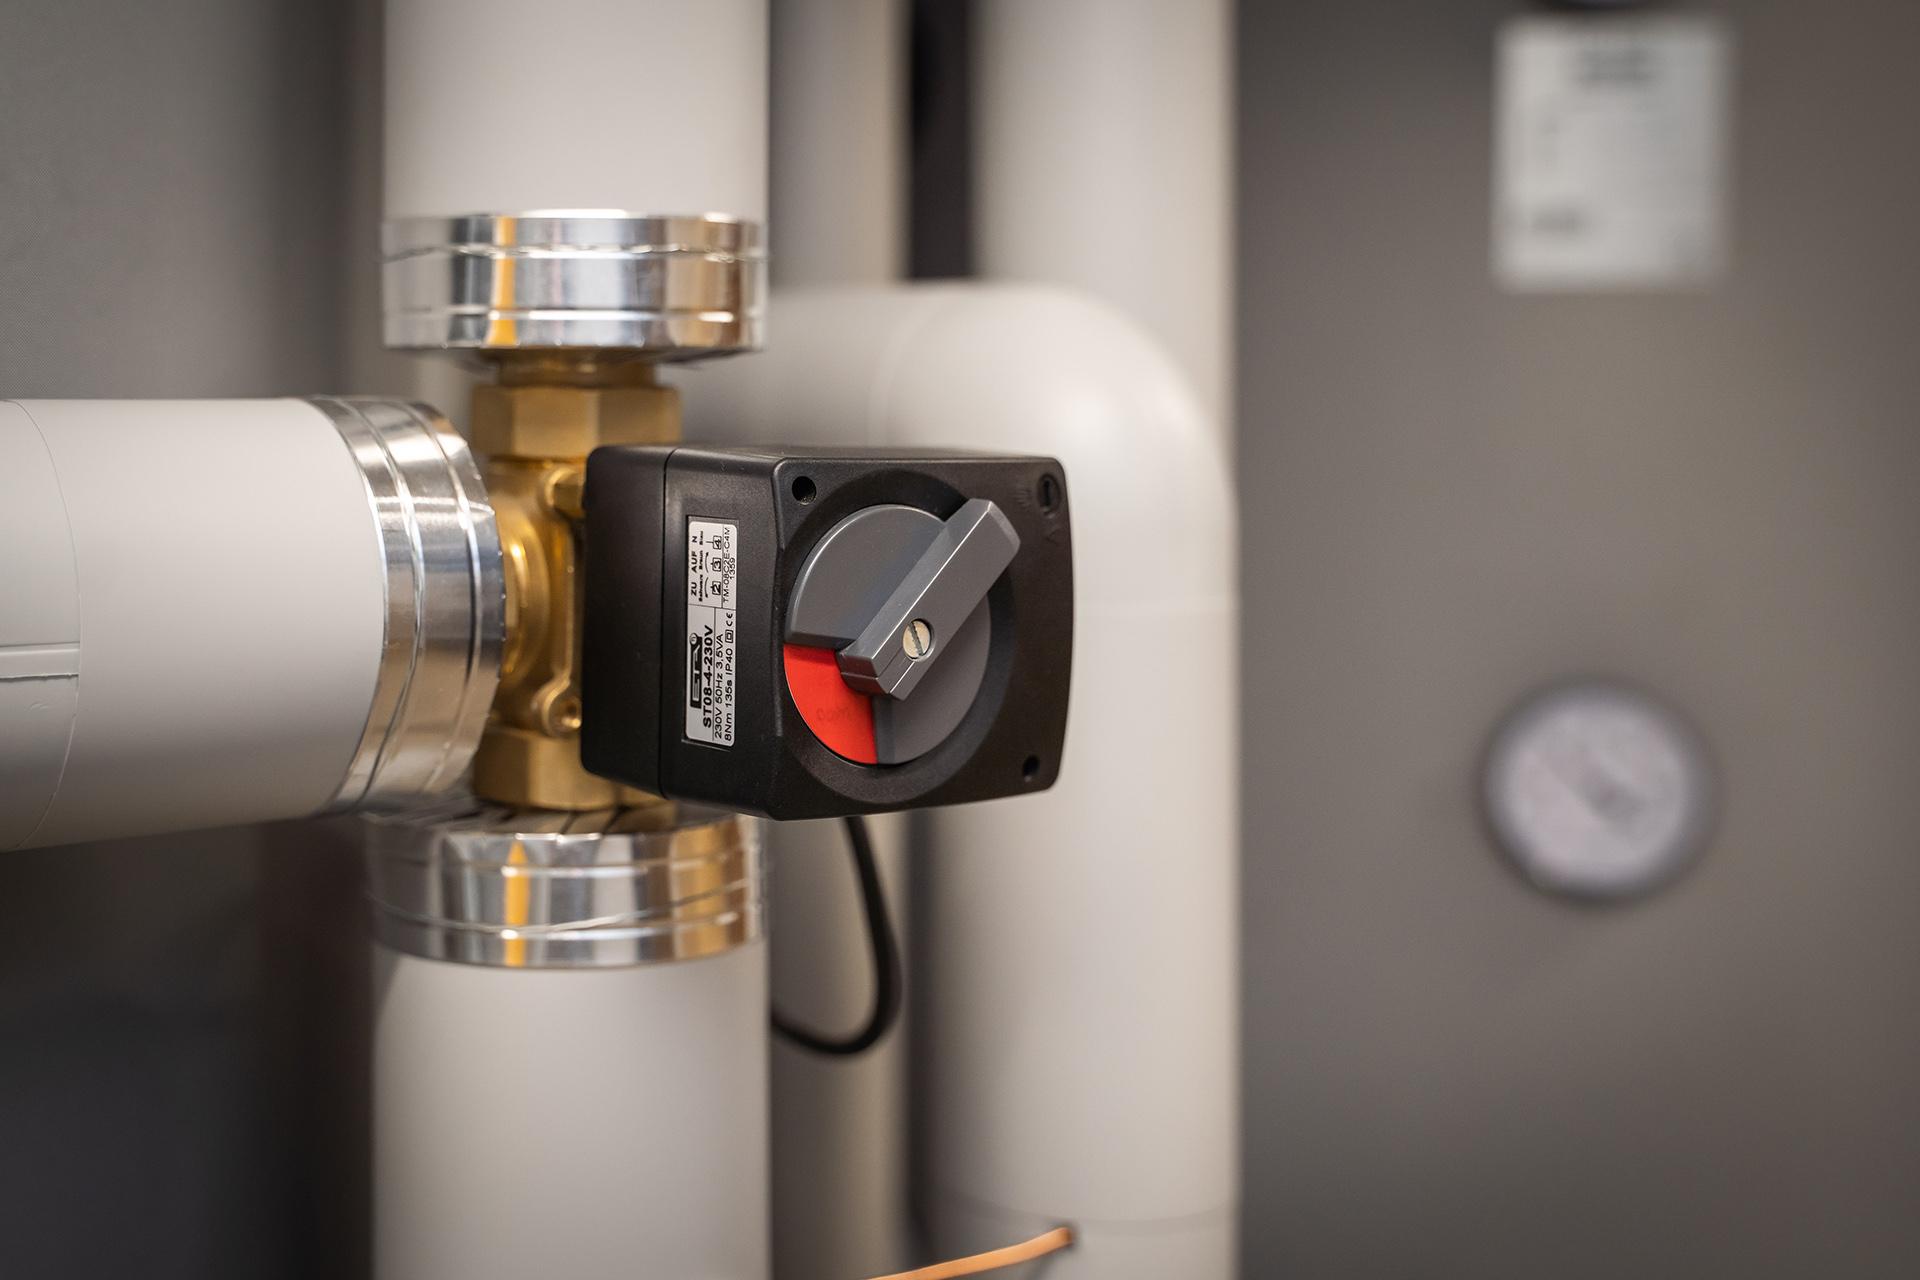 HUCK-Haustechnik-Heizung-Referenz-Raum-Rohre-Wasserspeicher-Ventil